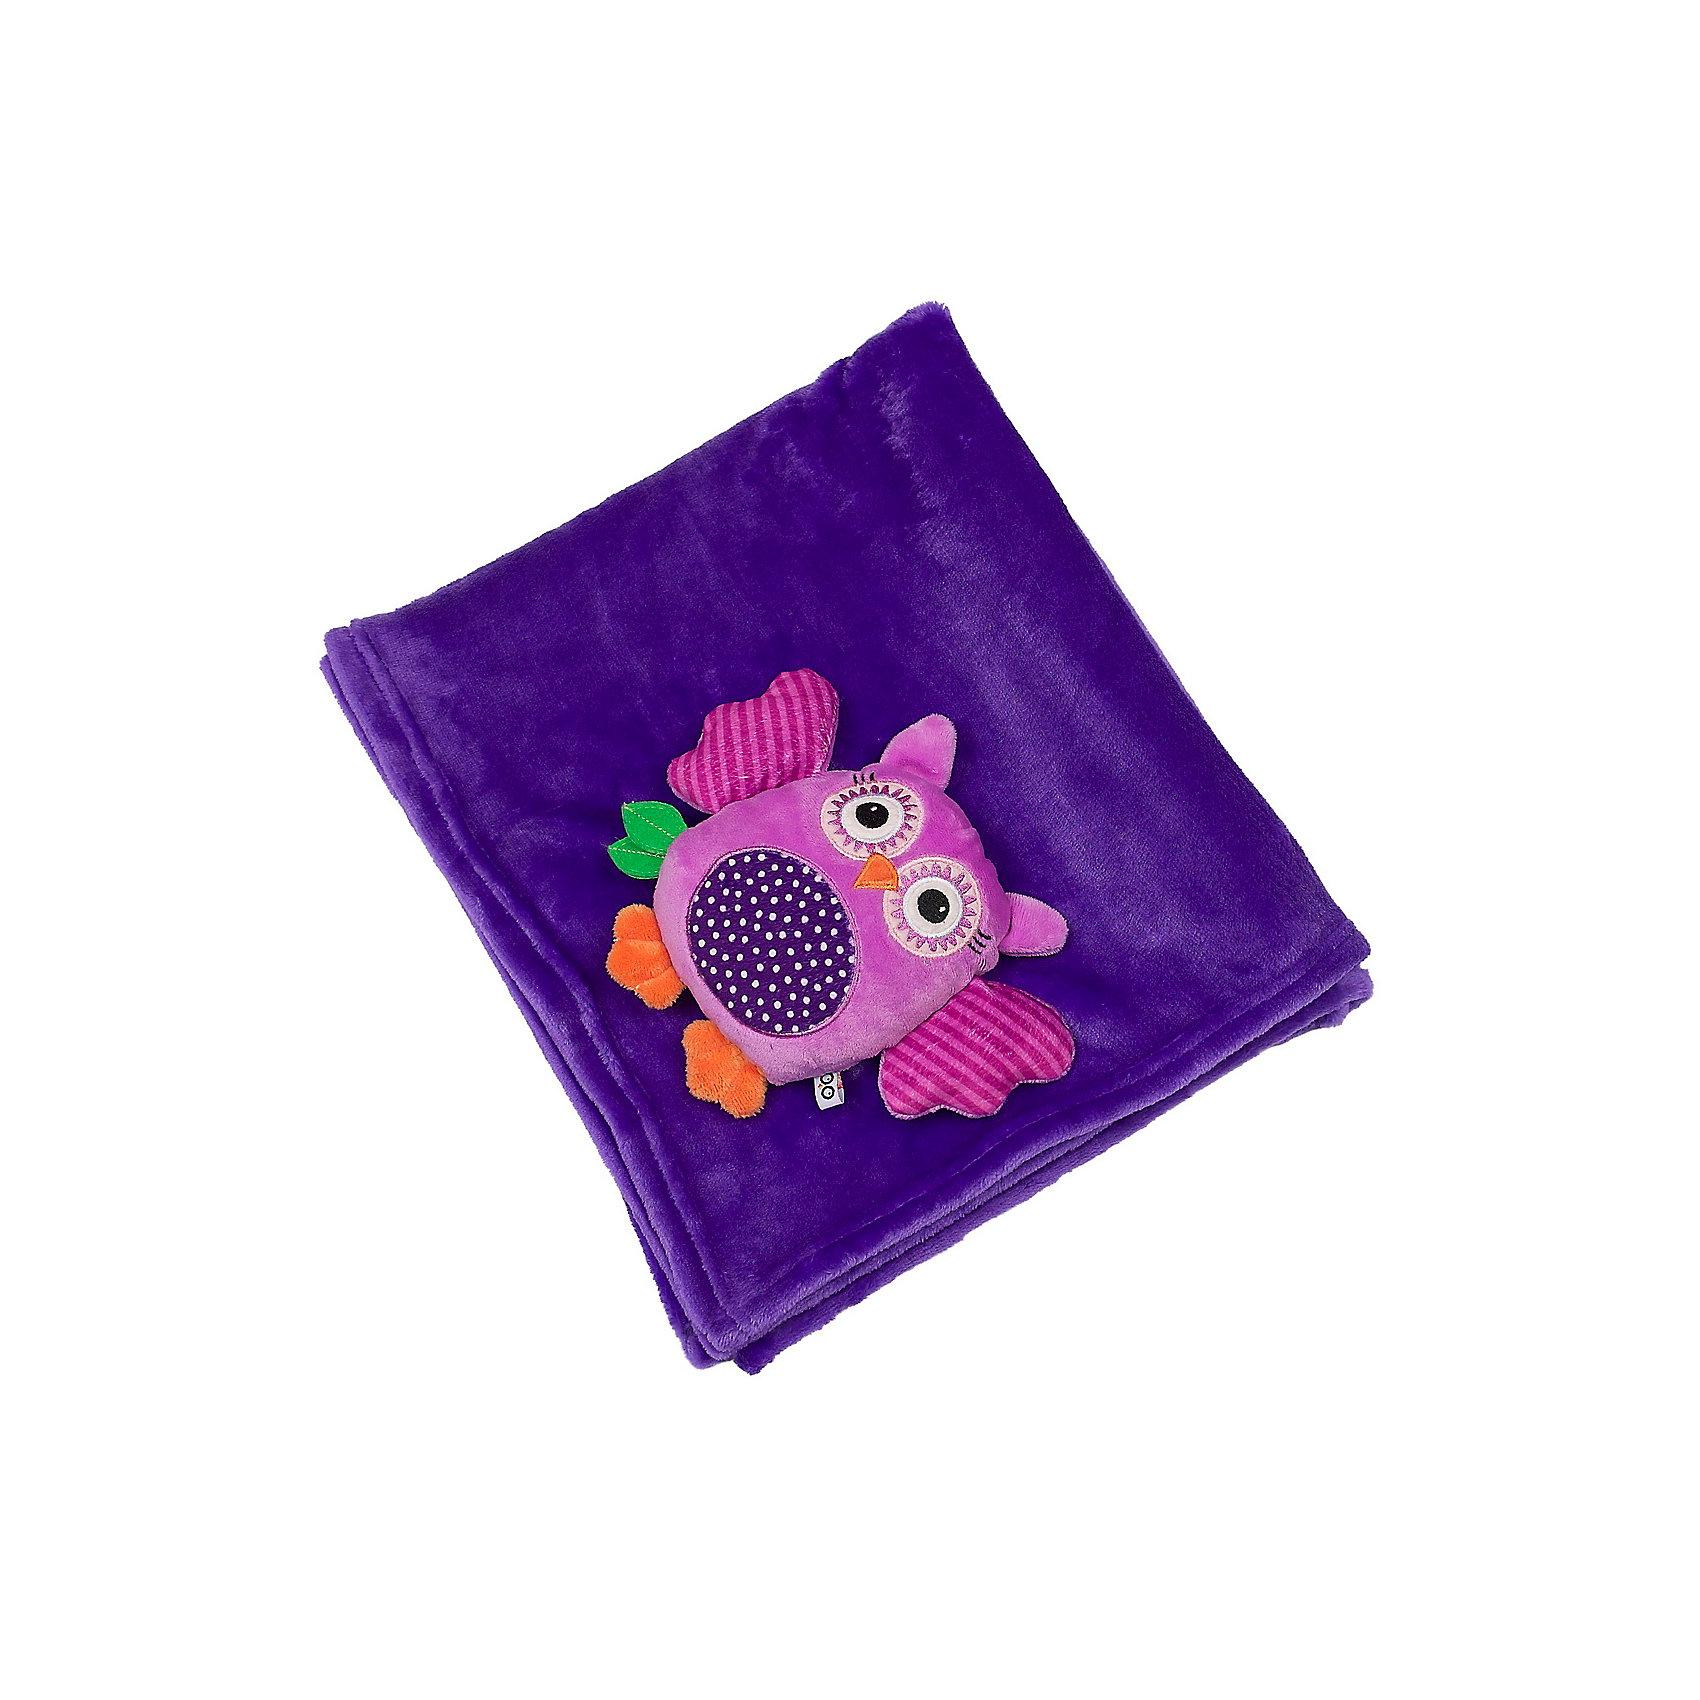 Zoocchini Одеяло с игрушкой Сова, Zoocchini, фиолетовый